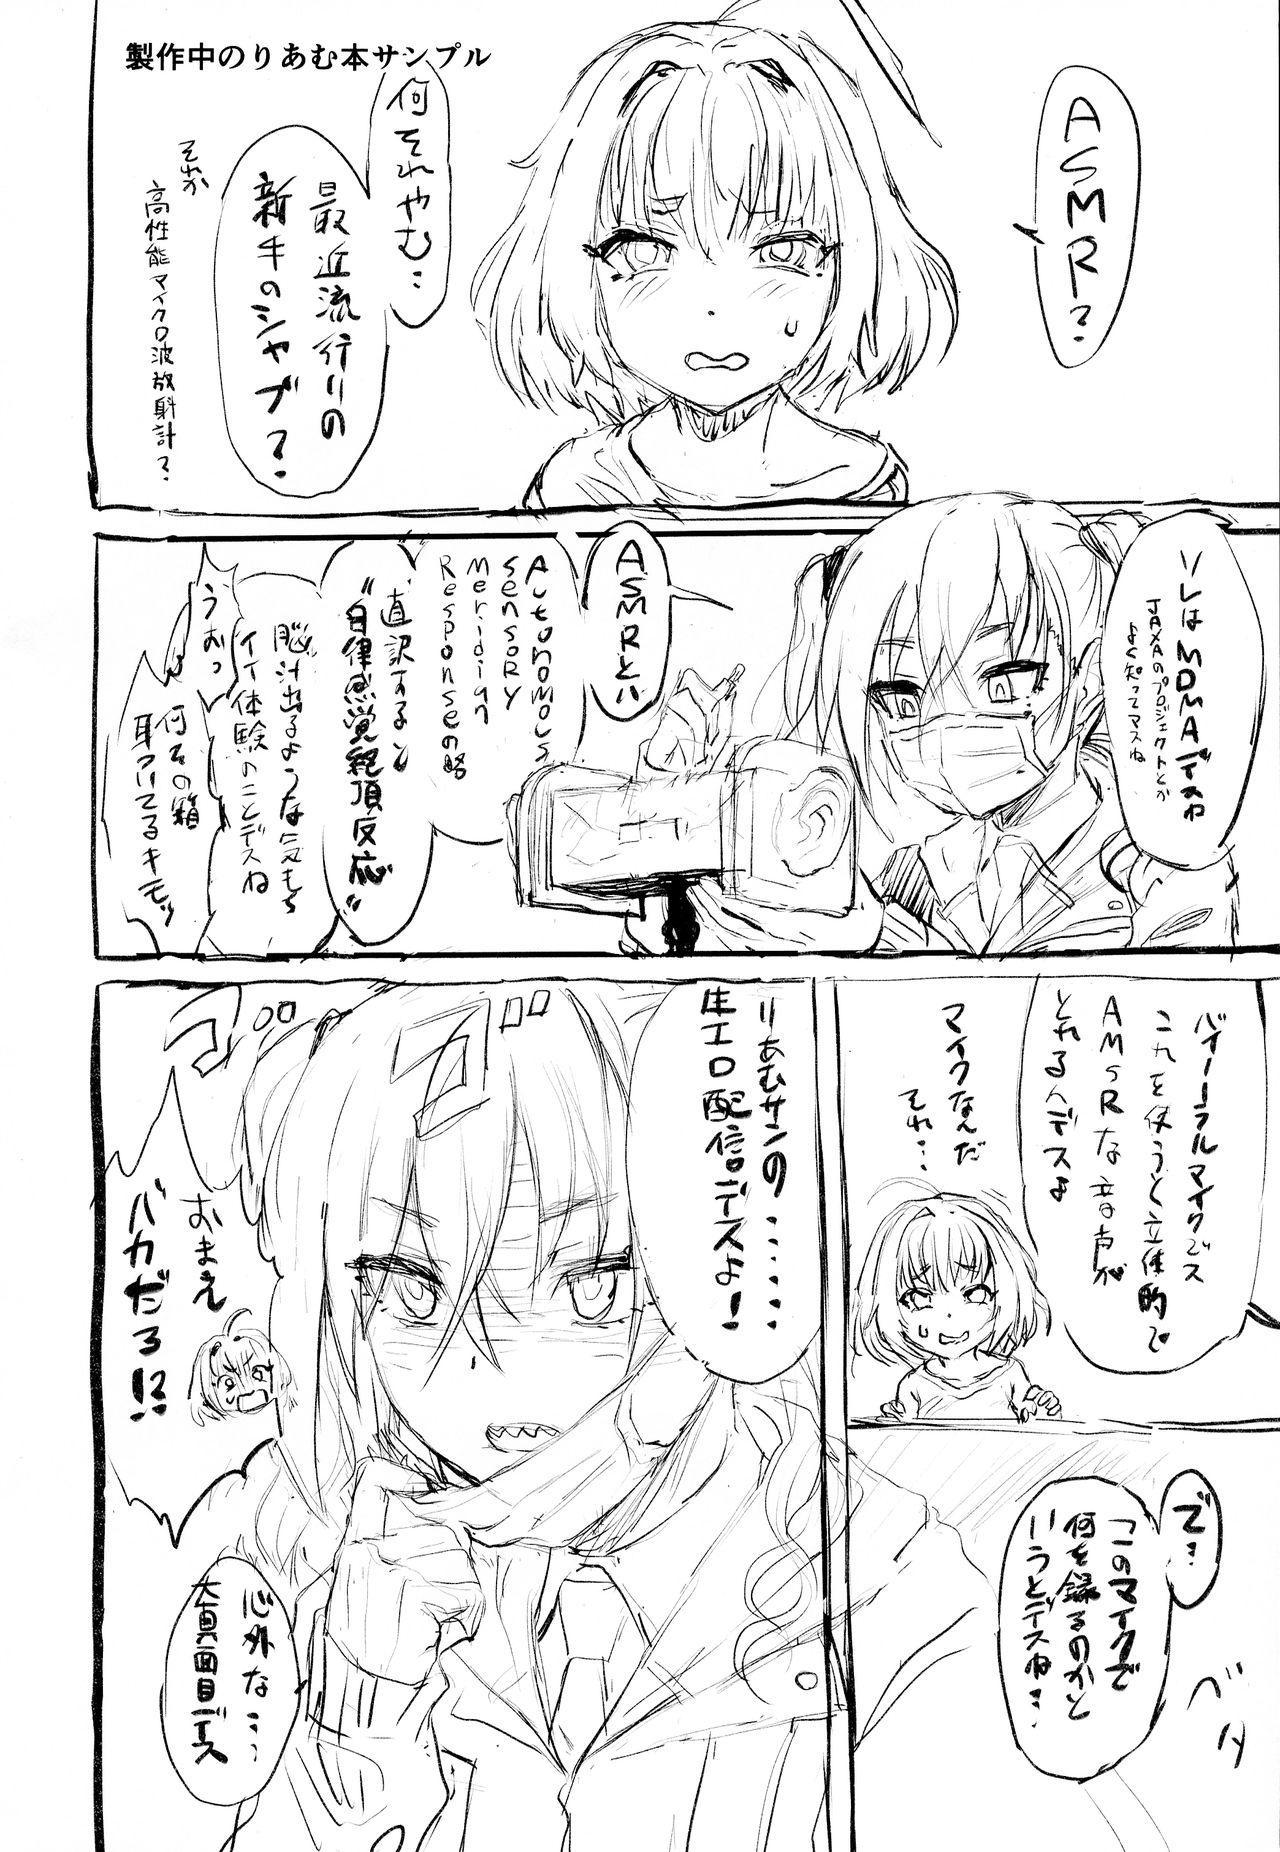 Yumemi Riamu wa Yume o Mitai 15